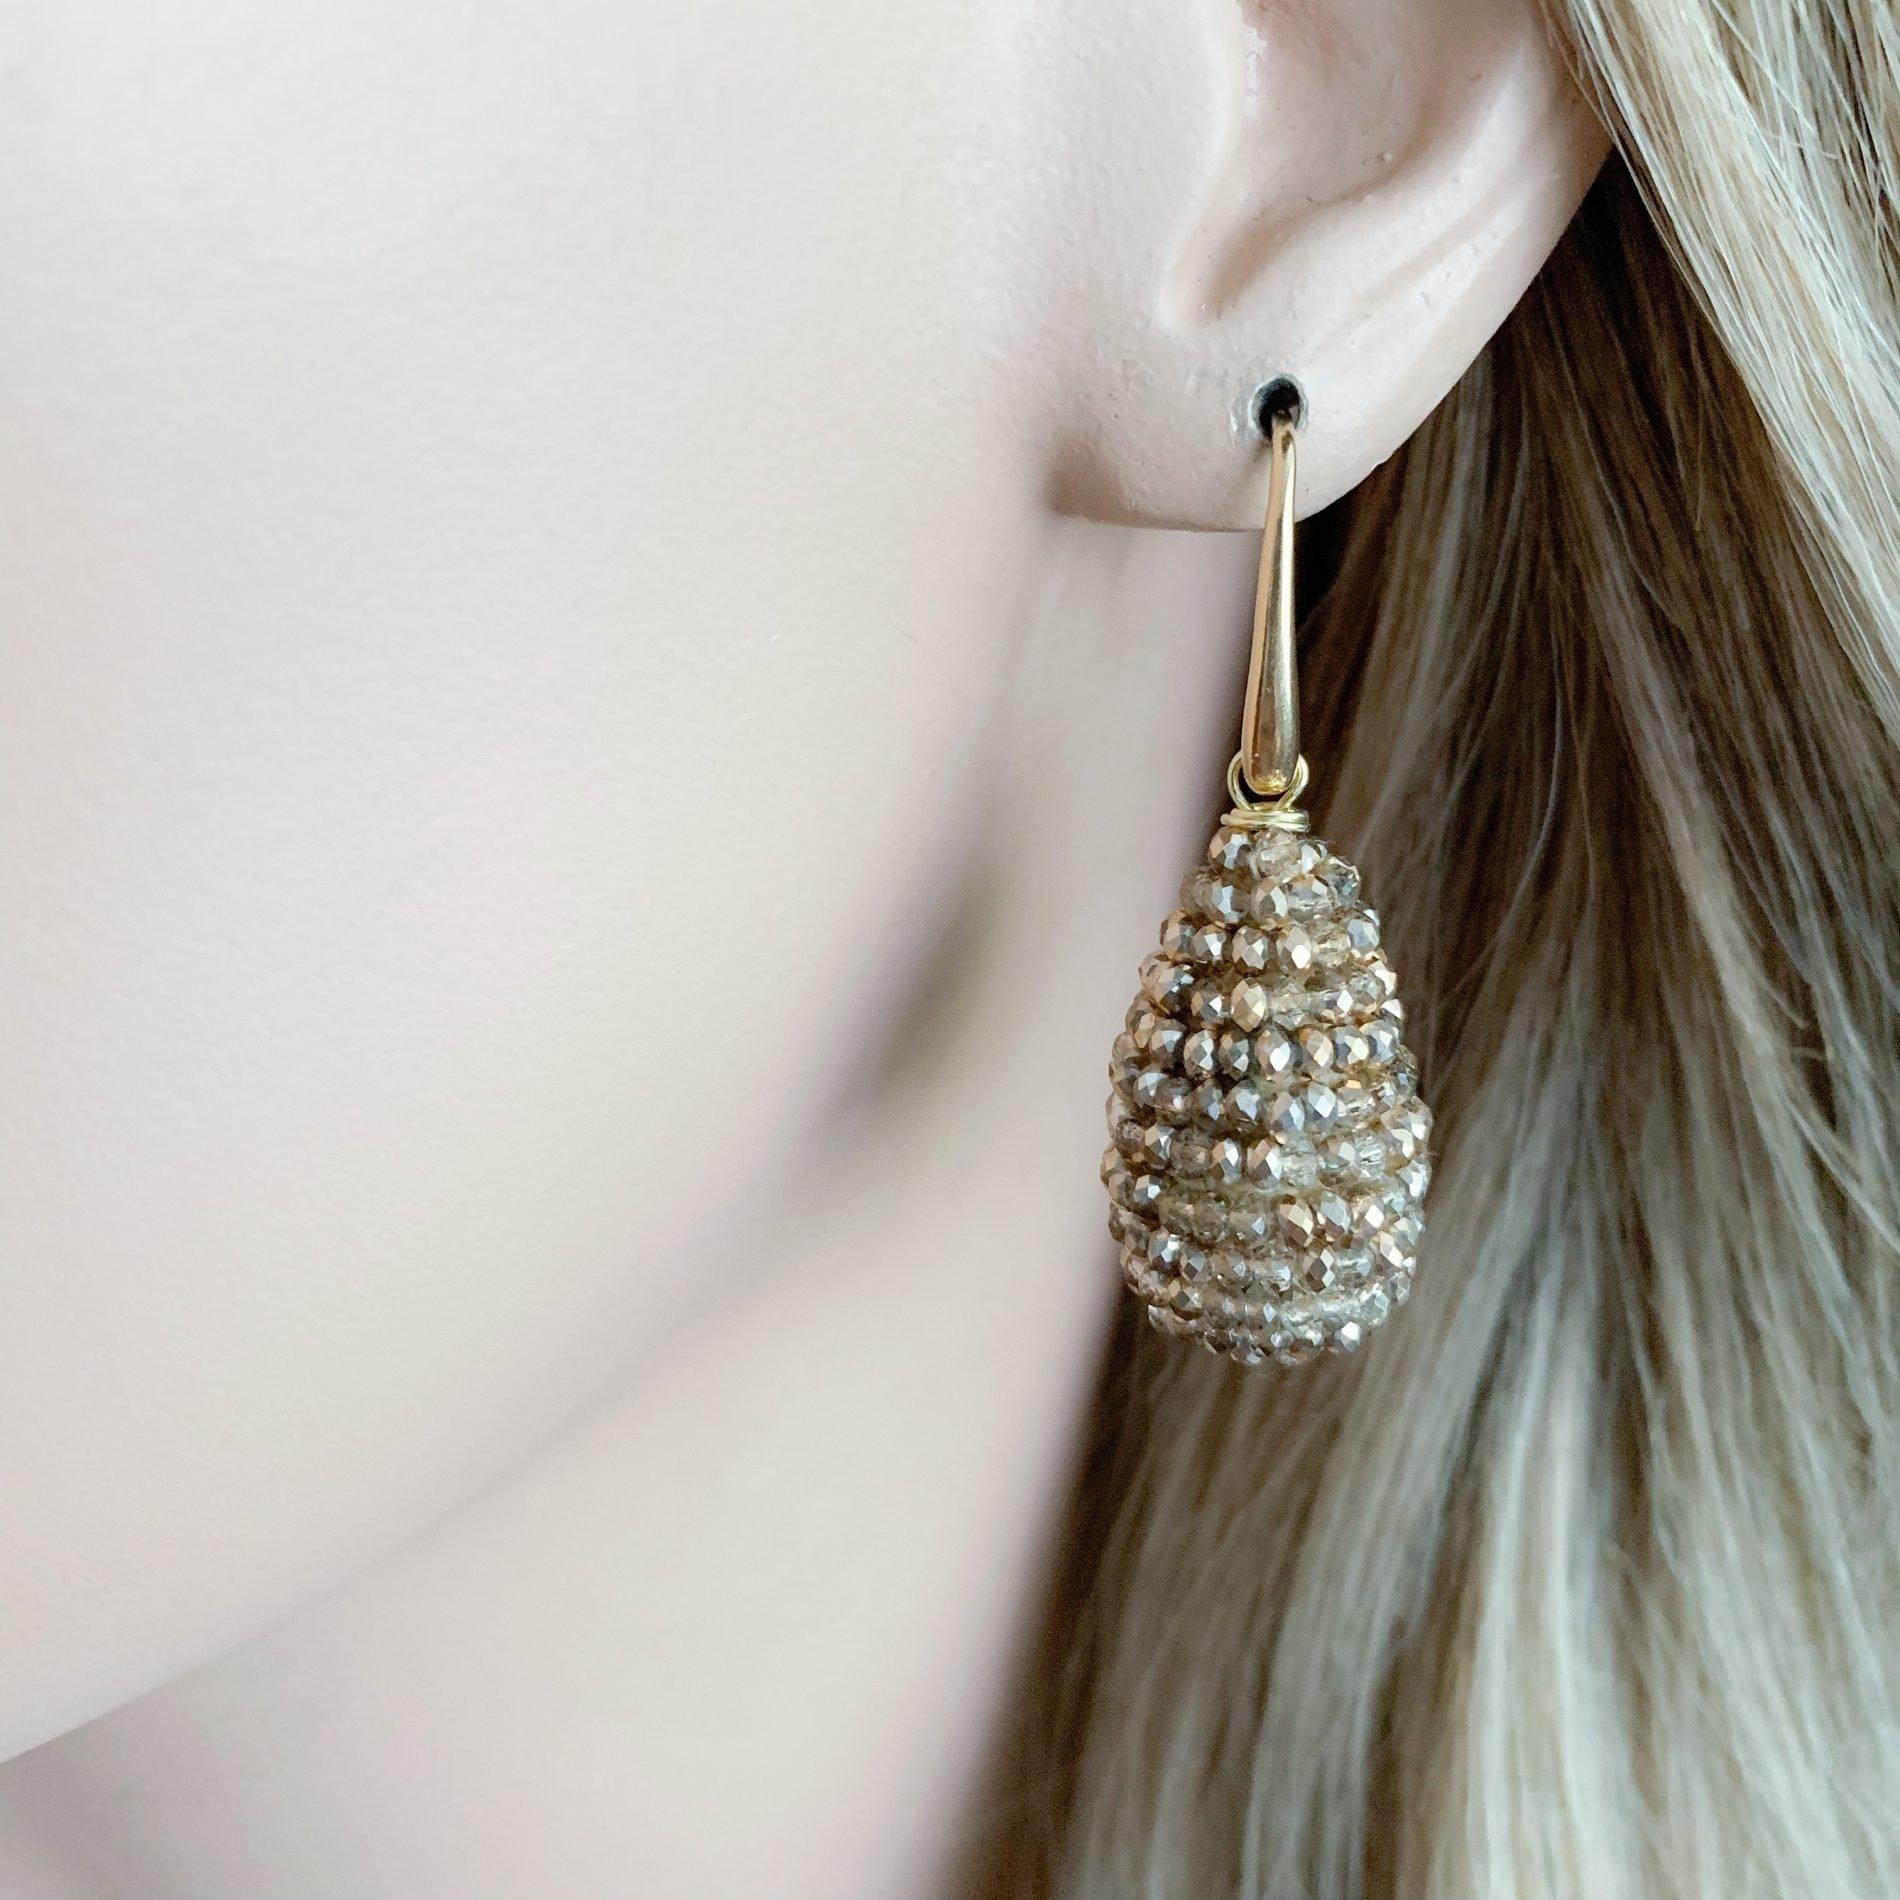 Gold kristallen oorbellen